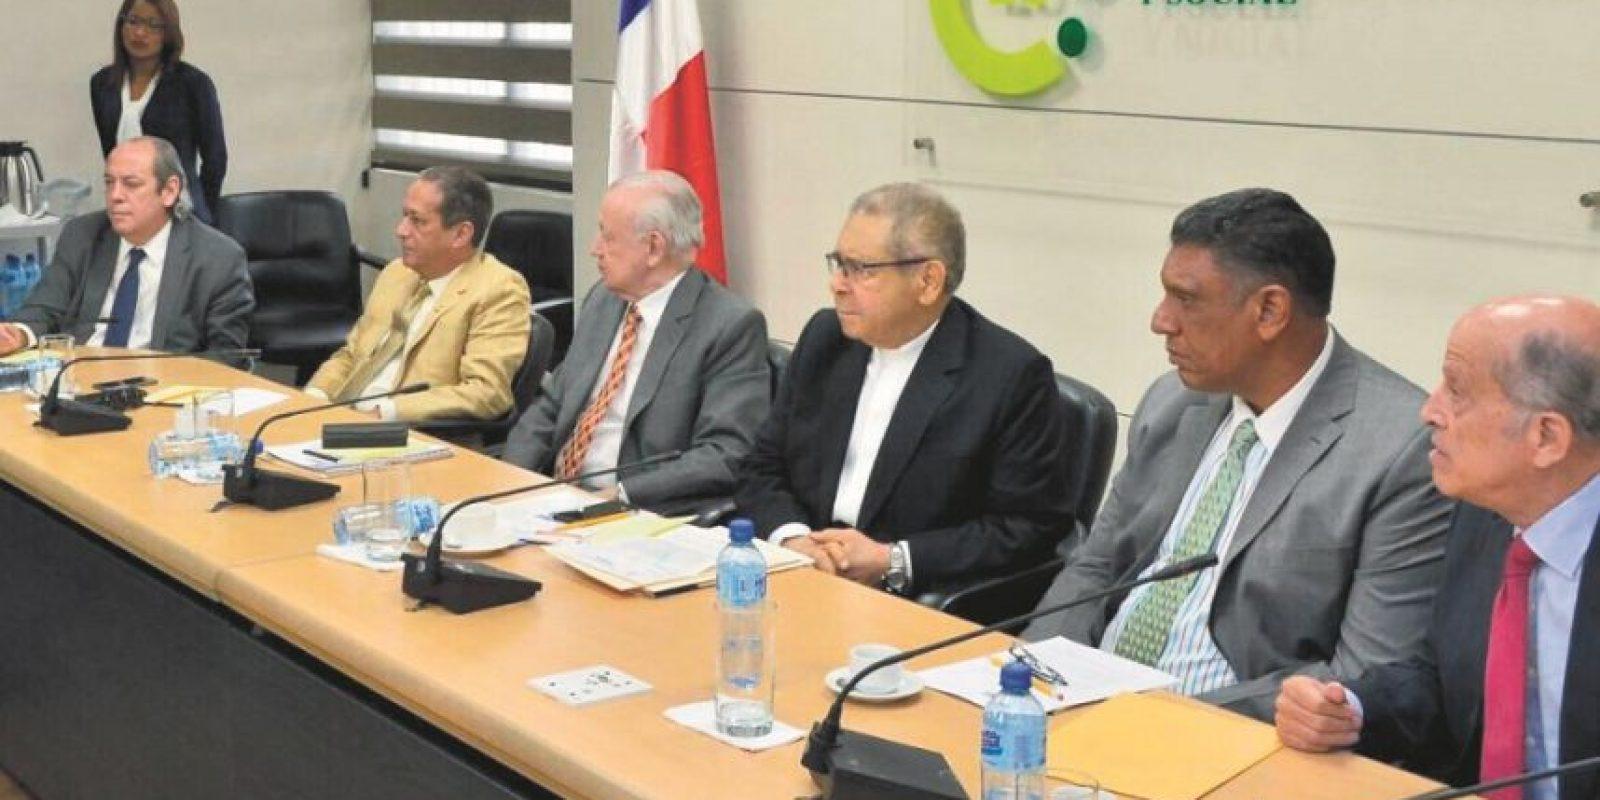 La reunión se realizó en la PUCMM, sede del Consejo Económico y Social (CES). Foto:Fuente externa